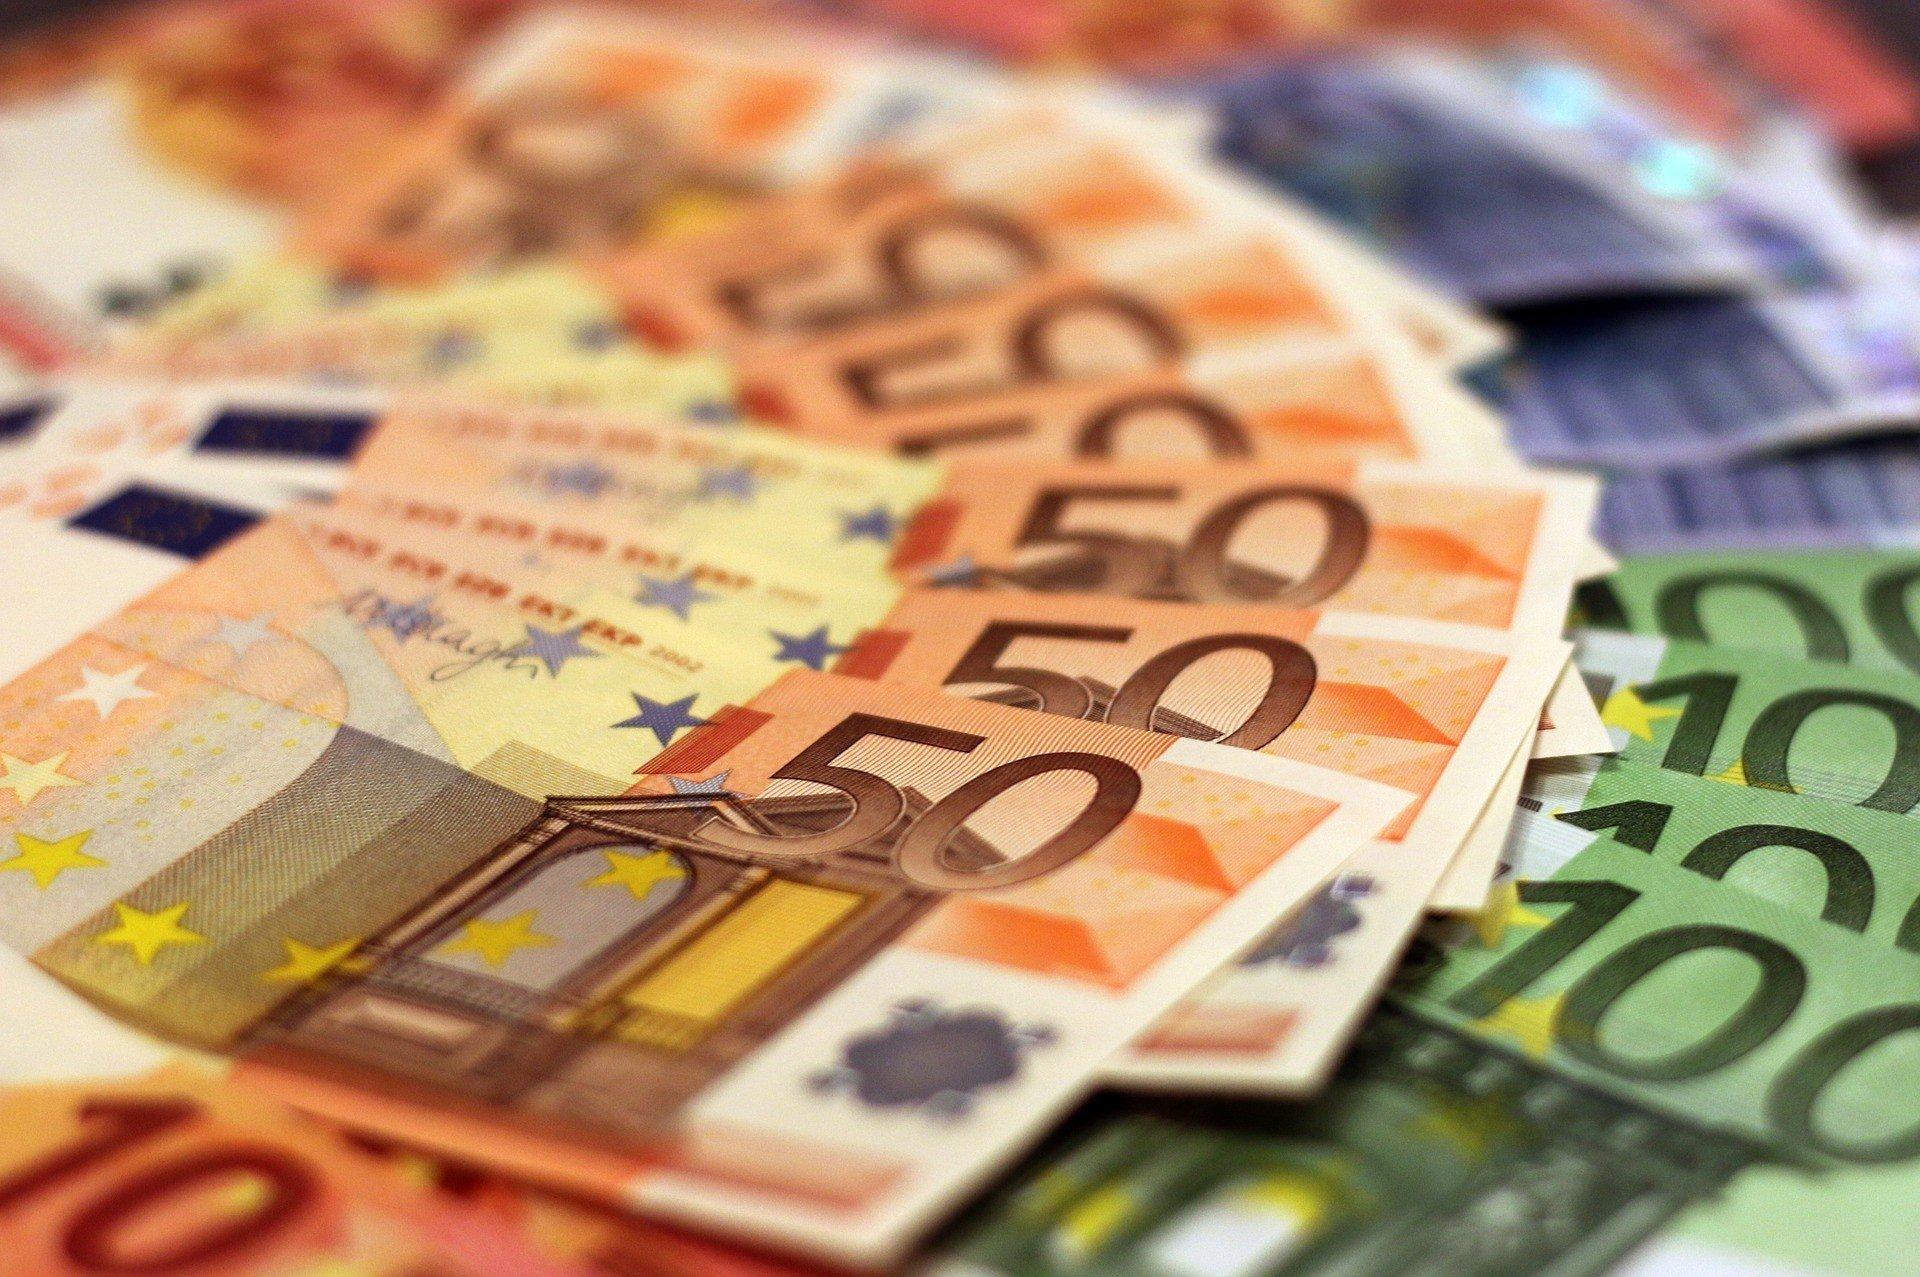 Экономика Европы снова падает — Вloomberg